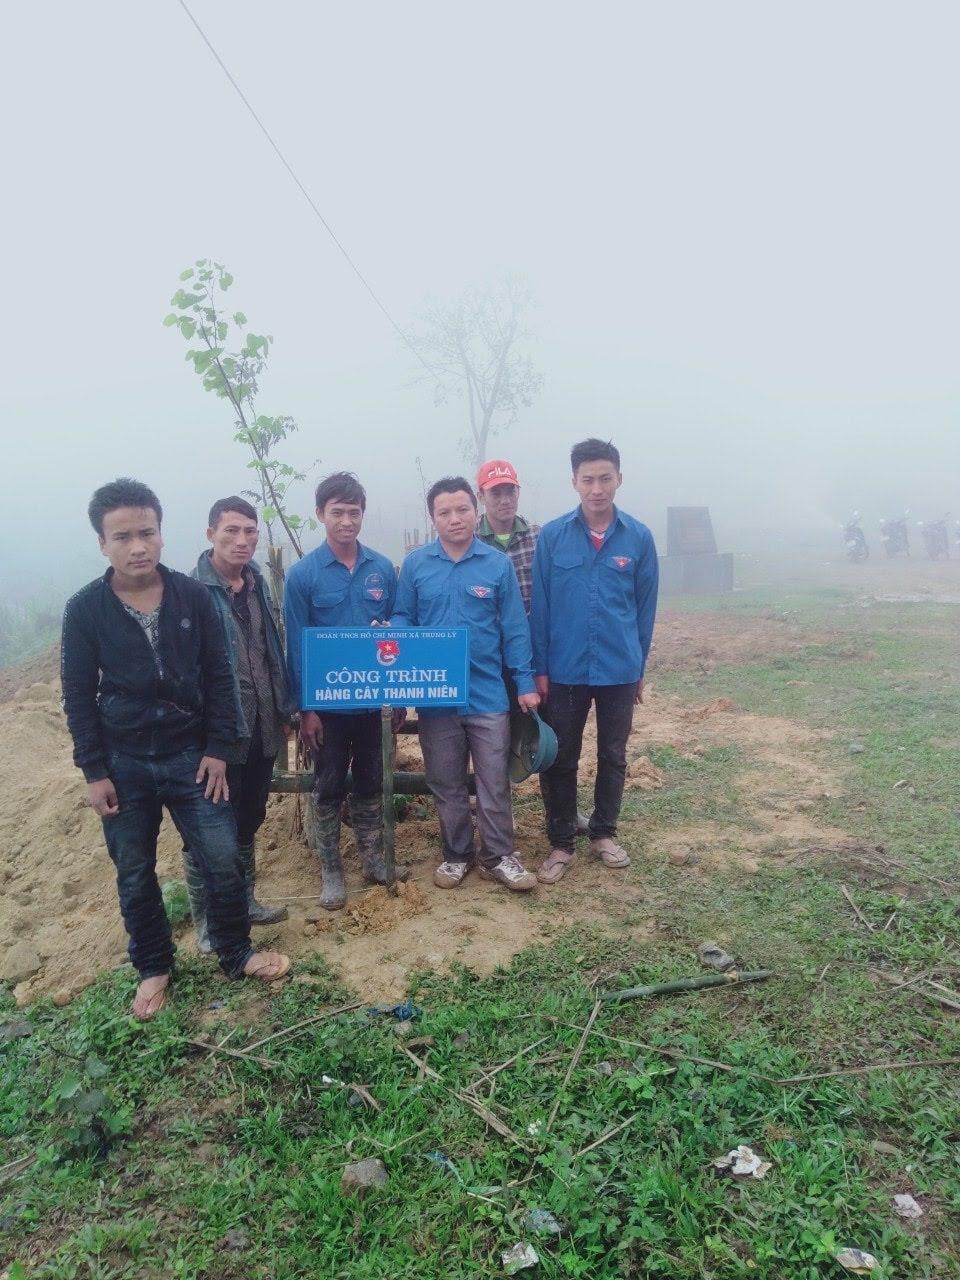 Đoàn xã Trung Lý xây dựng công trình hàng cây thanh niên